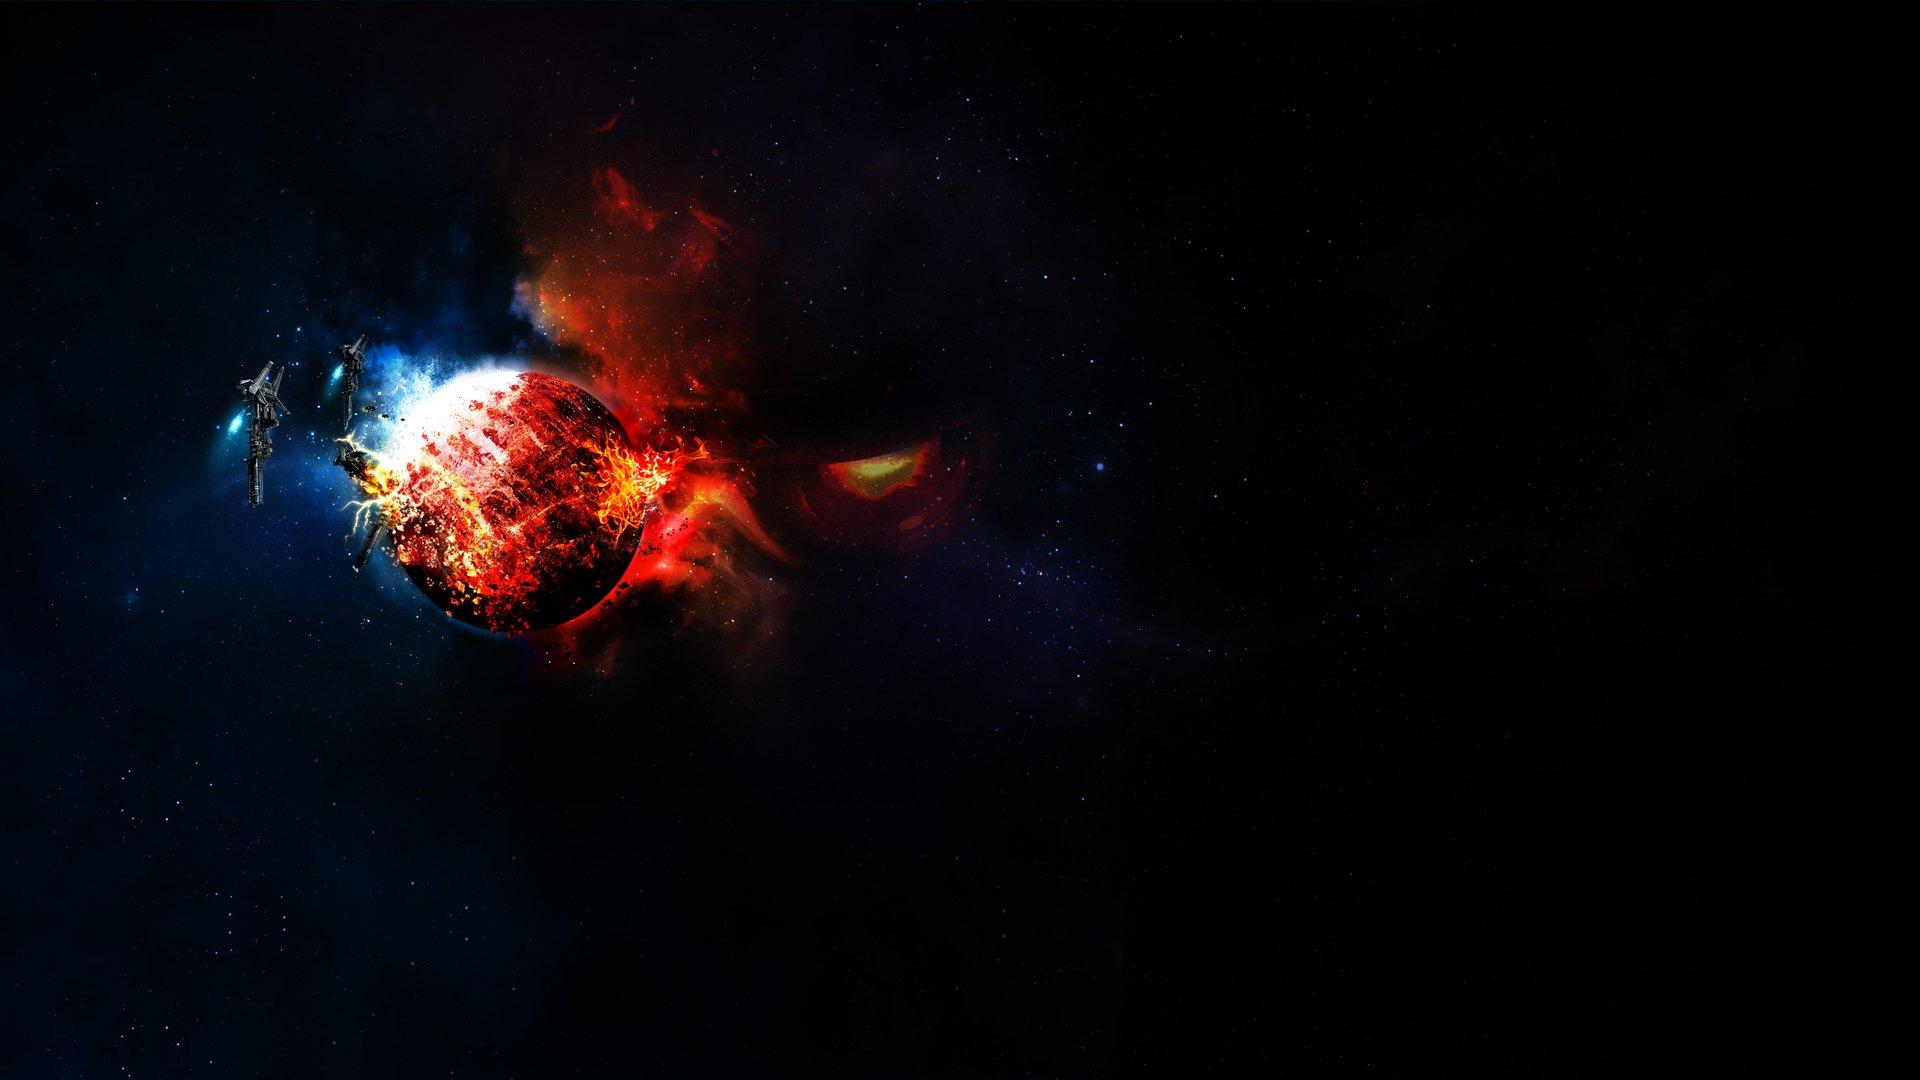 Обои Взрывы на планетах картинки на рабочий стол на тему Космос - скачать без смс